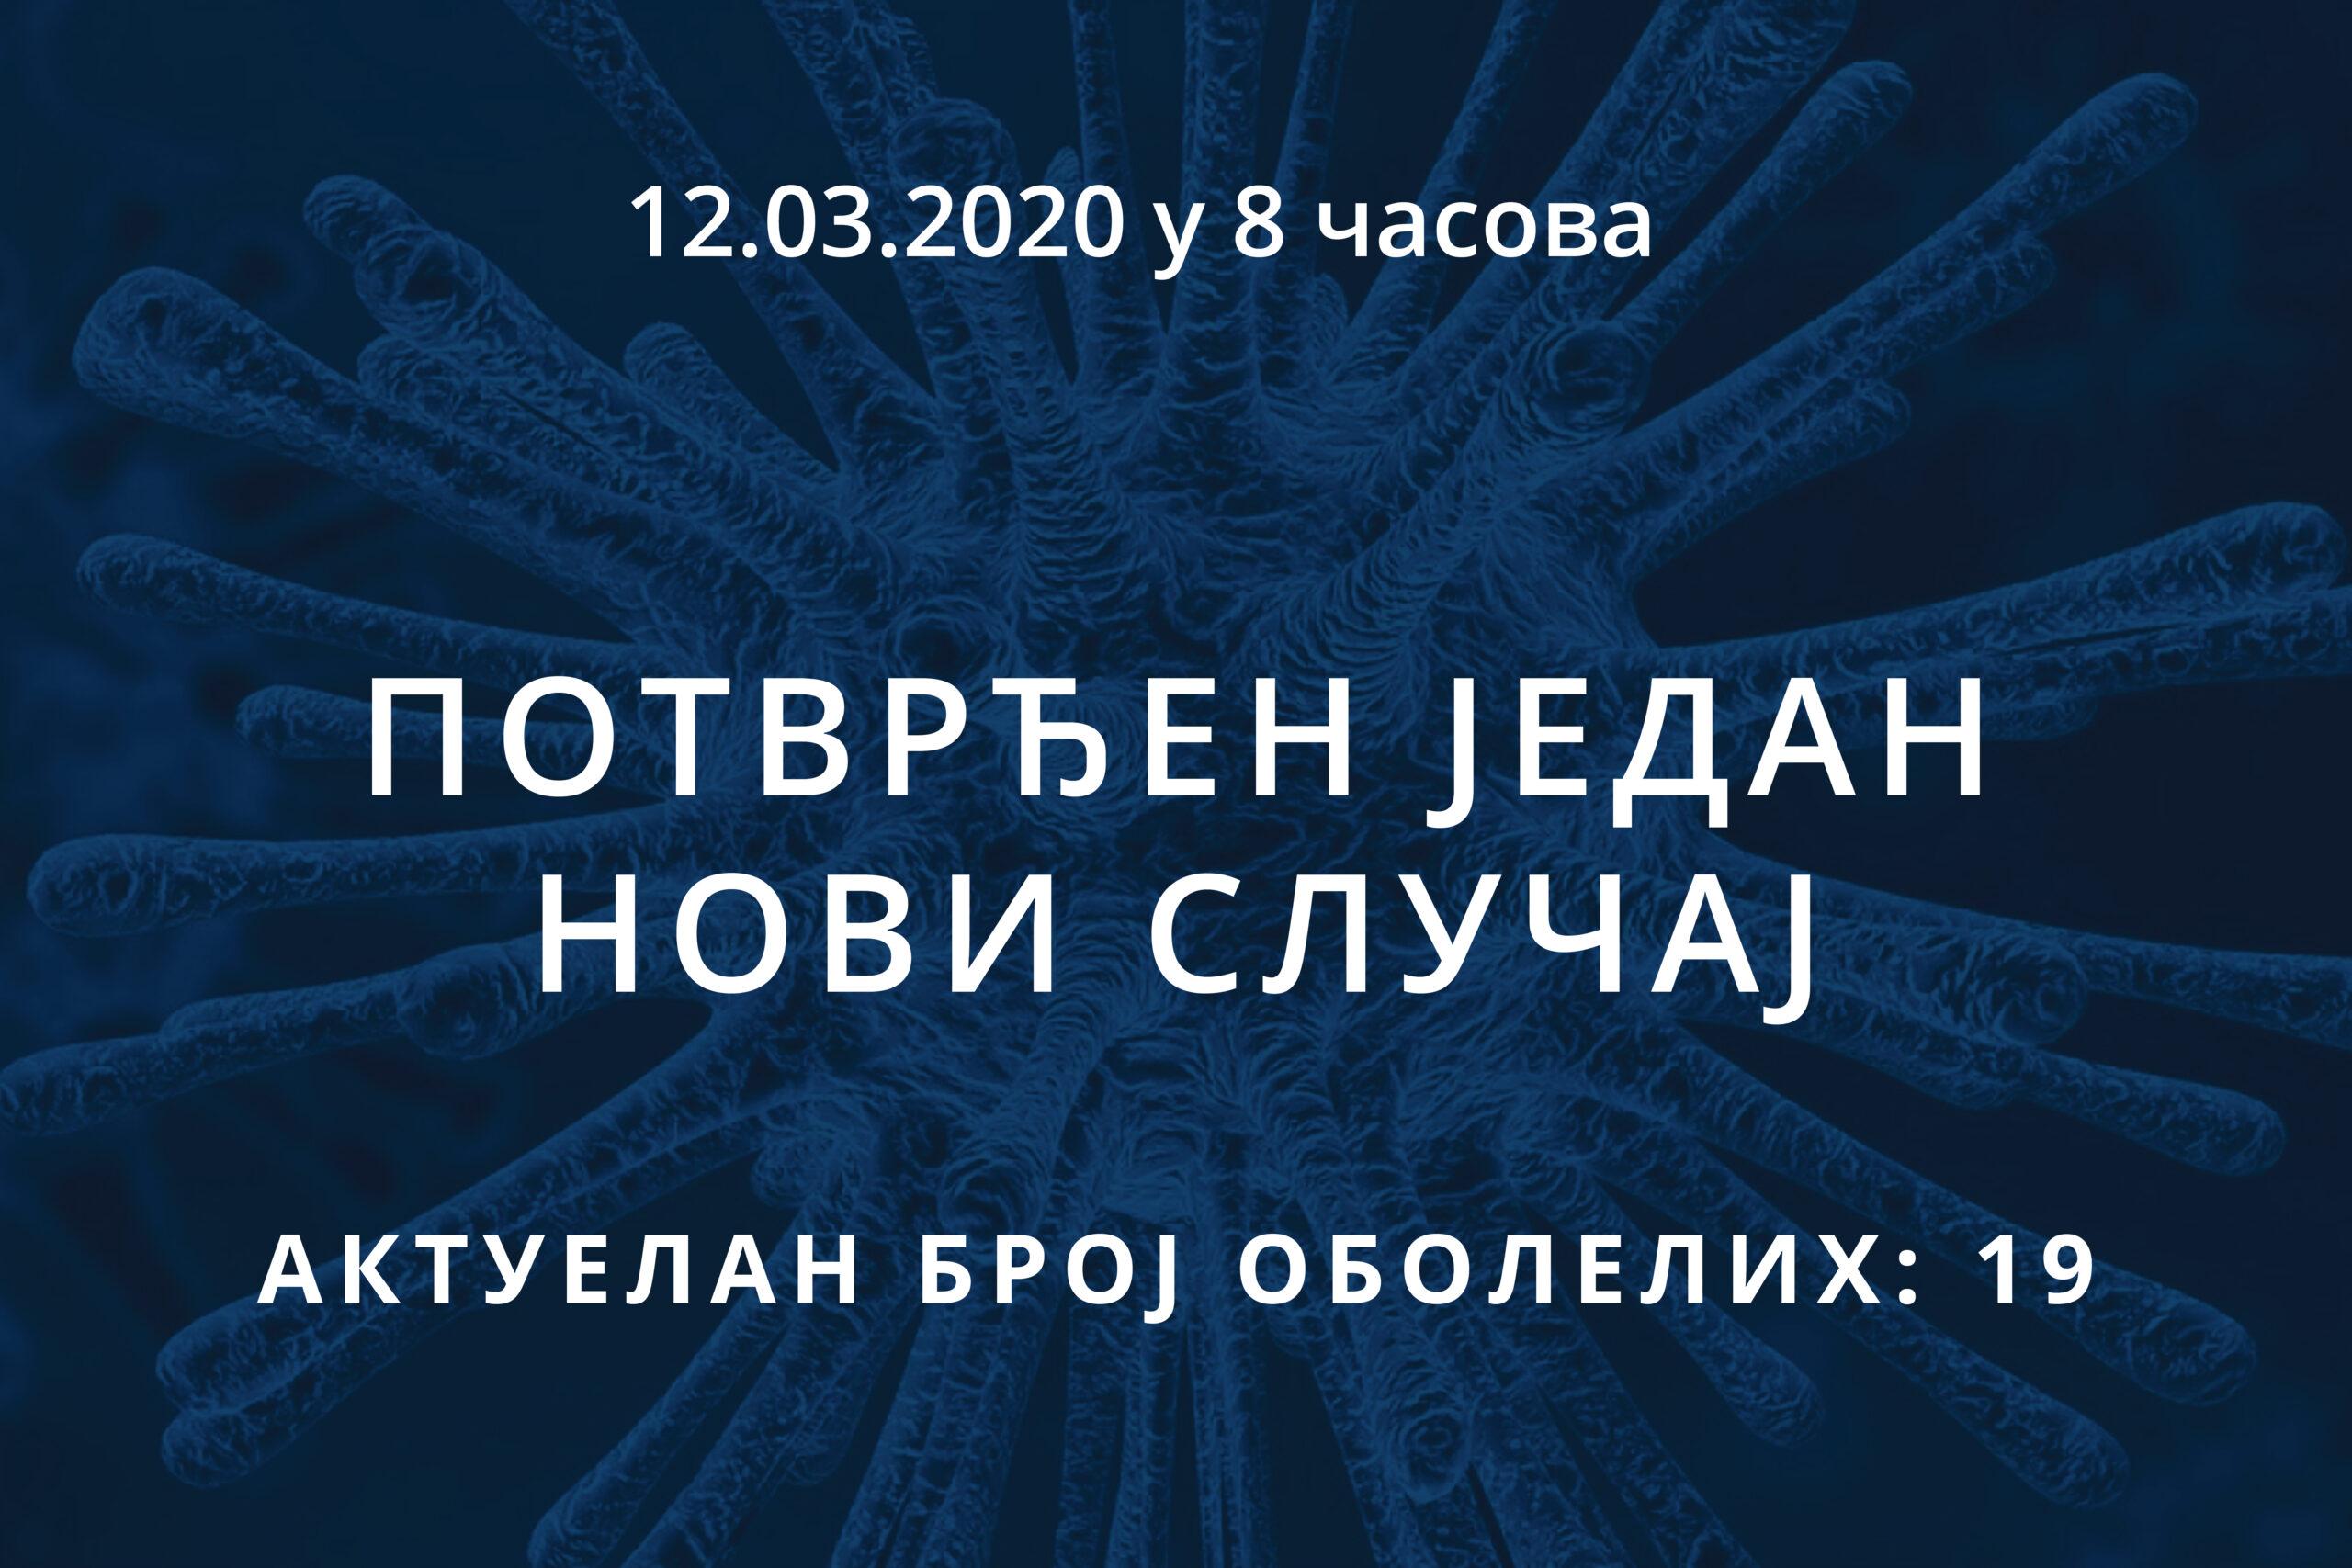 You are currently viewing Информације о корона вирусу COVID-19, 12.03.2020 у 8 часова